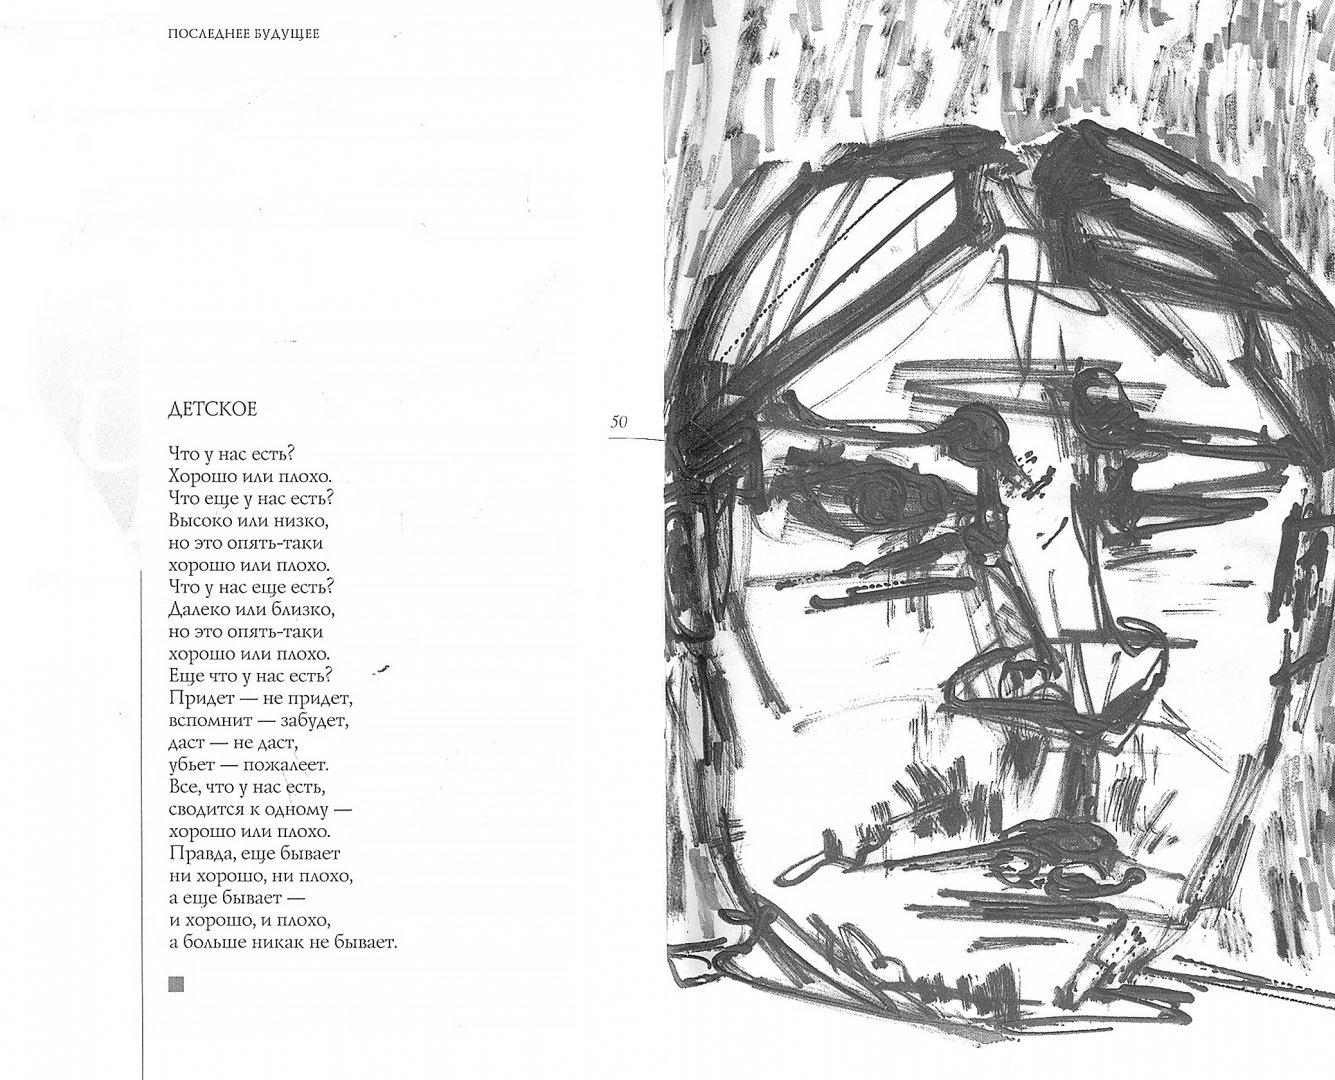 Иллюстрация 1 из 22 для Последнее будущее: Стихотворения - Александр Гельман | Лабиринт - книги. Источник: Лабиринт